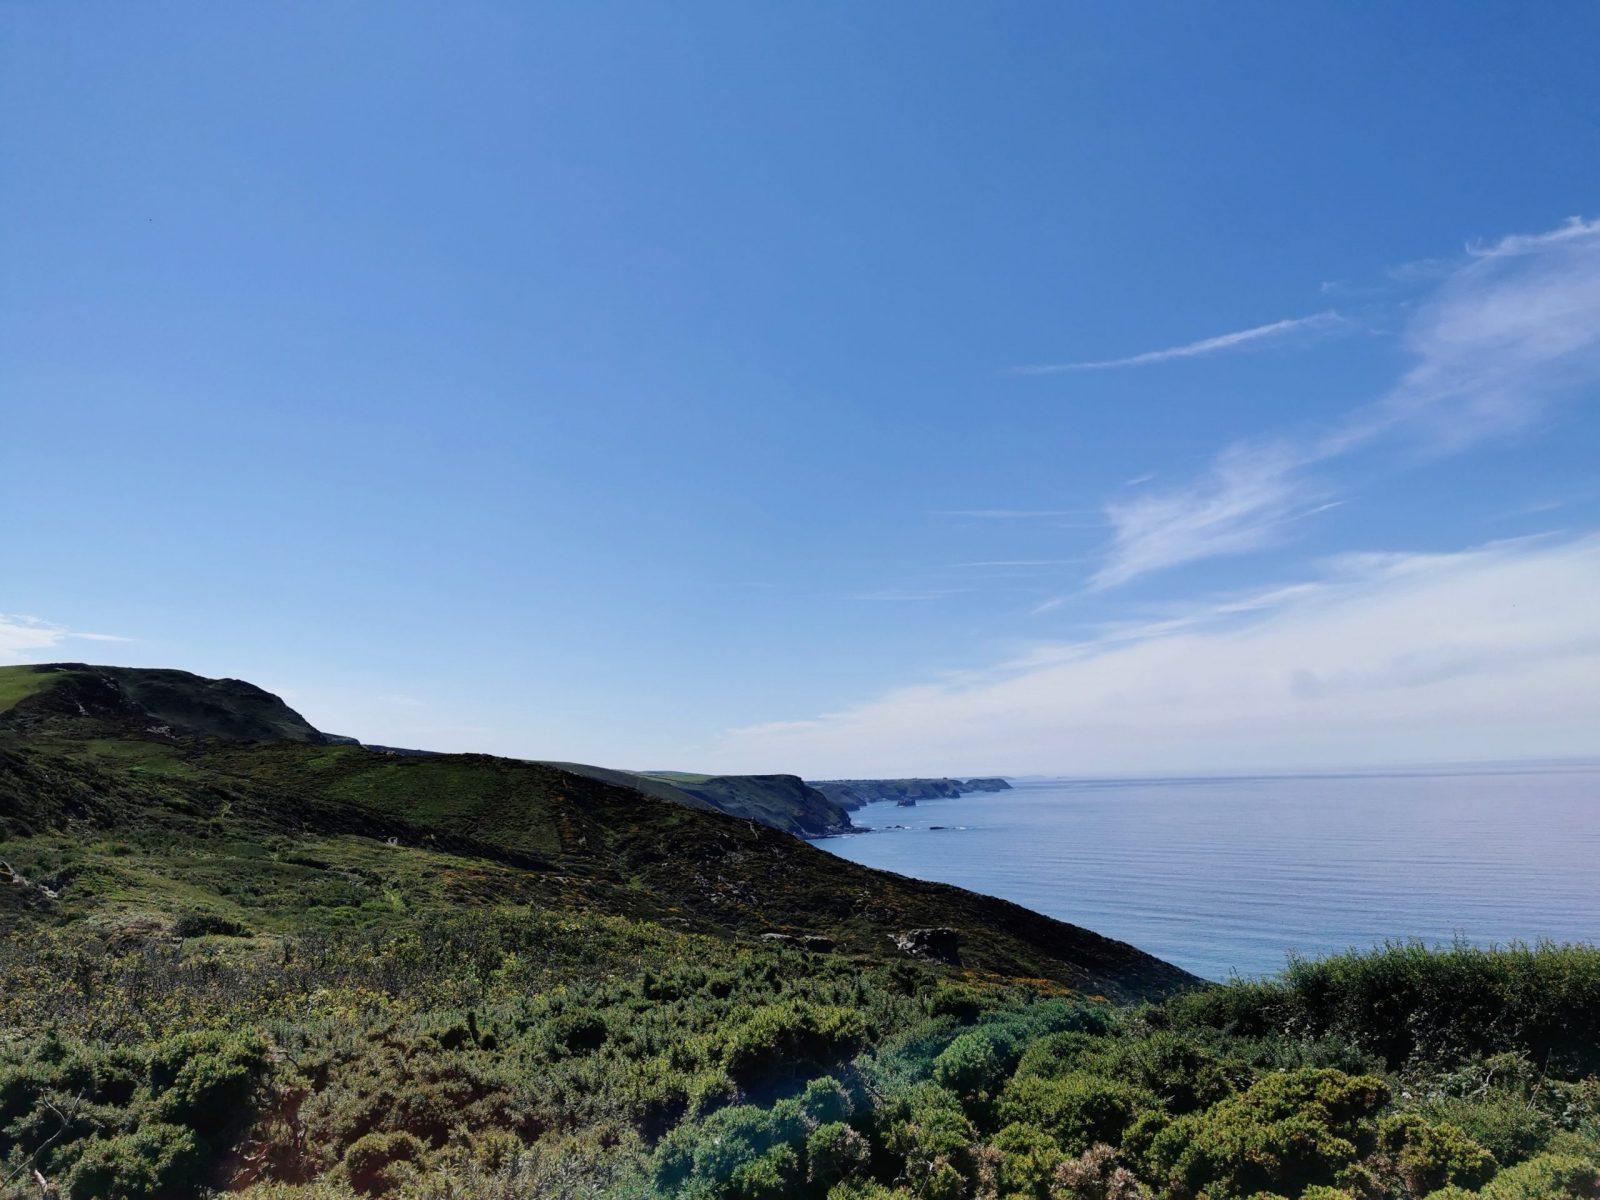 The Strangles Beach & Trail: A Hidden & Quiet Beach in Cornwall 10